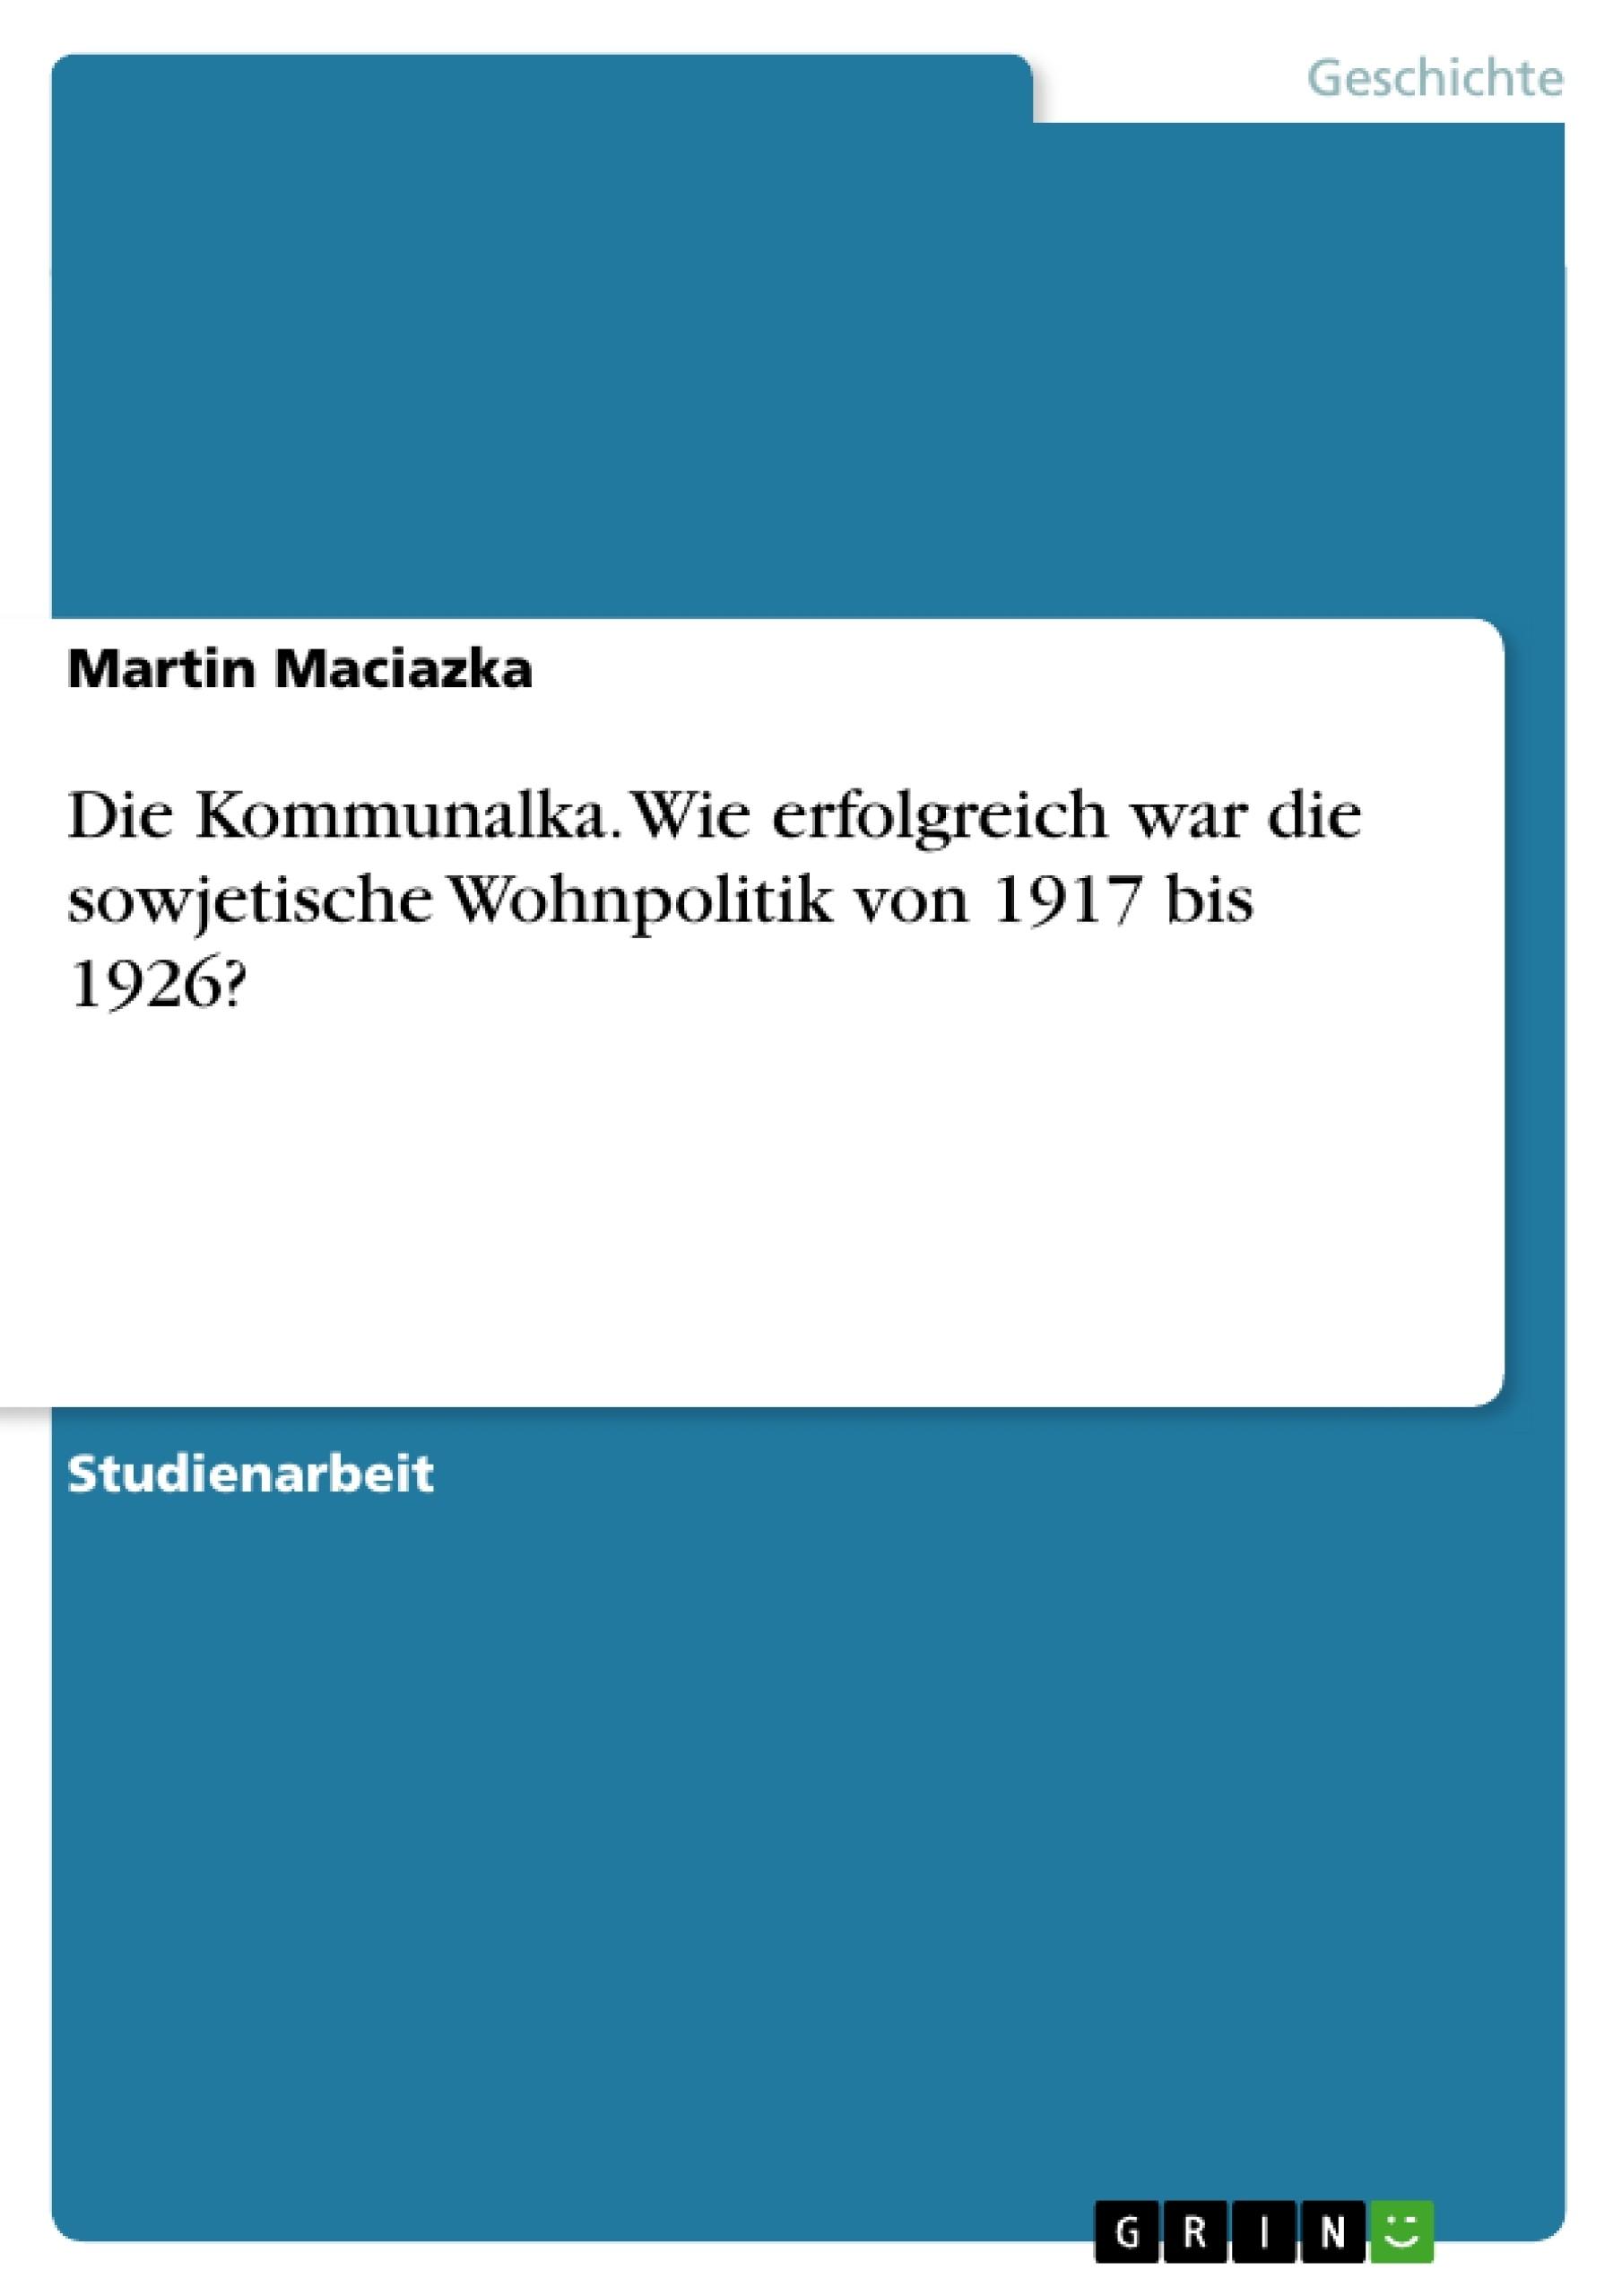 Titel: Die Kommunalka. Wie erfolgreich war die sowjetische Wohnpolitik von 1917 bis 1926?